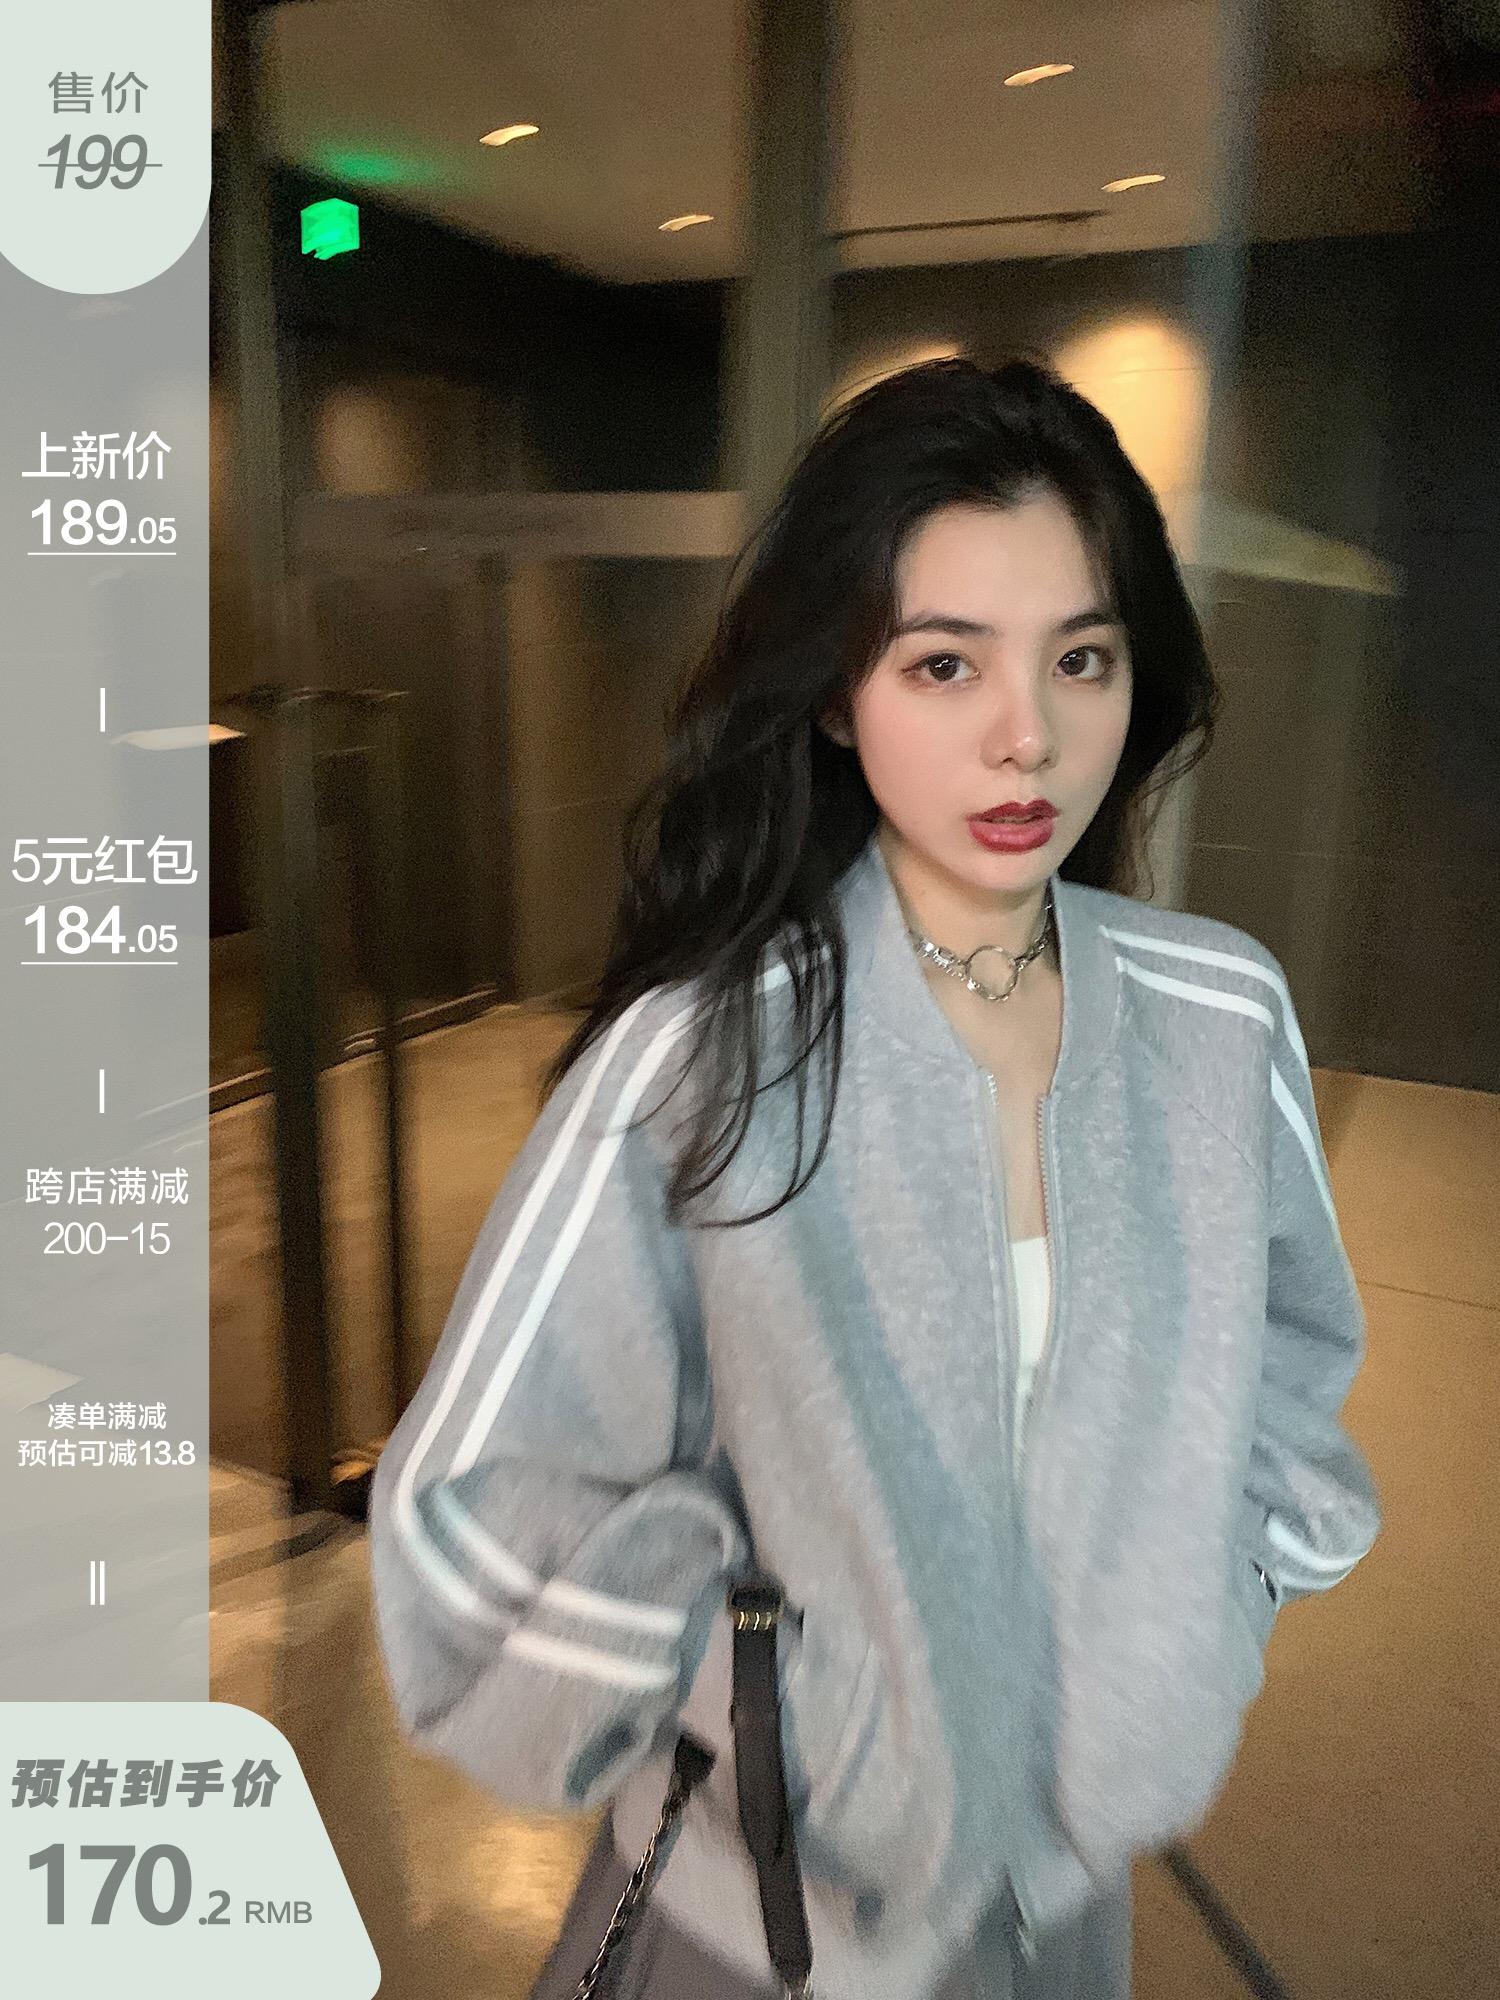 邱肉瑶SIXONE六一秋季韩版宽松运动短款百搭长袖外套2020年新款女 -